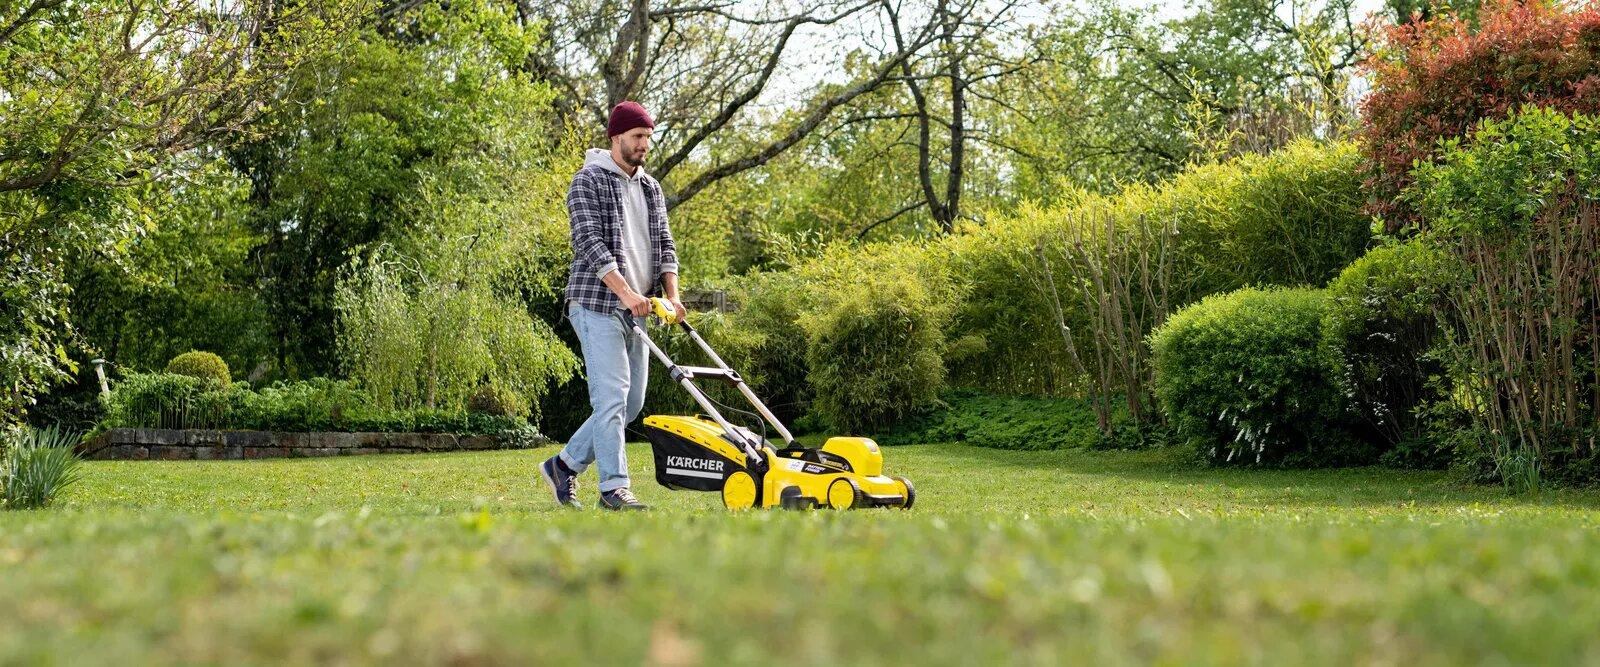 Советы по выбору аккумуляторной газонокосилки